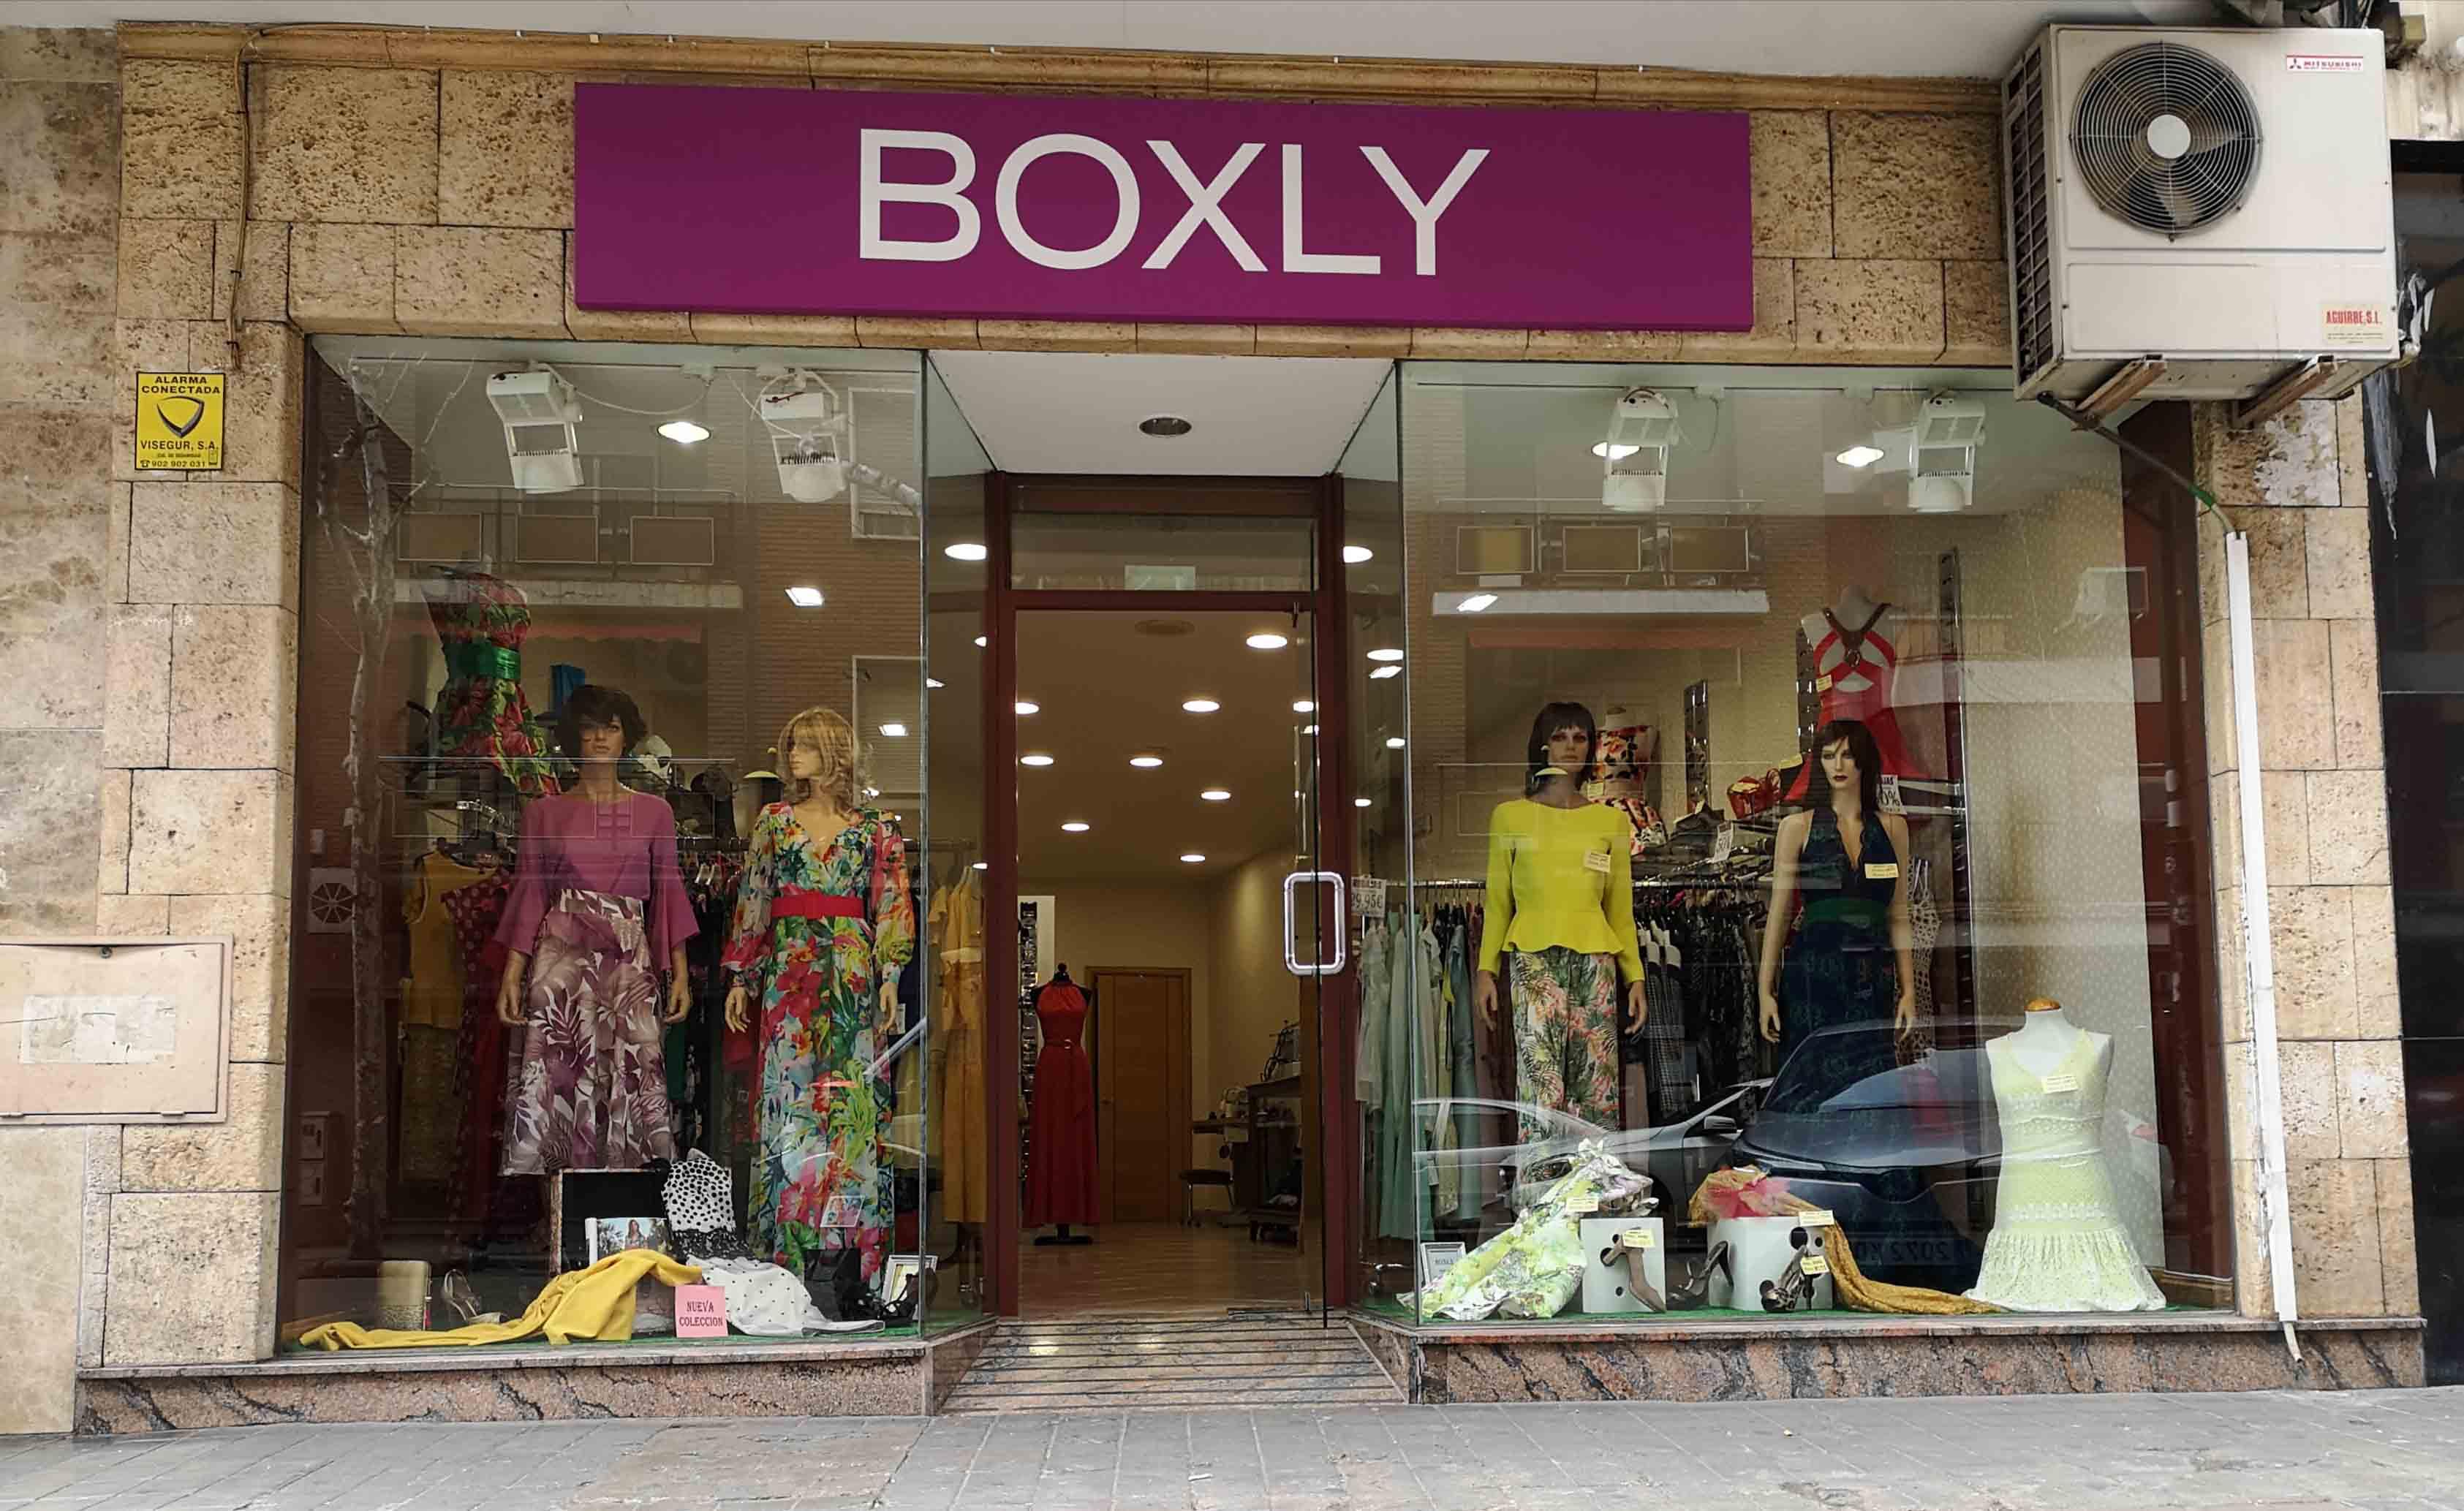 escaparate-tienda-boxly-outlet-ciudad-real